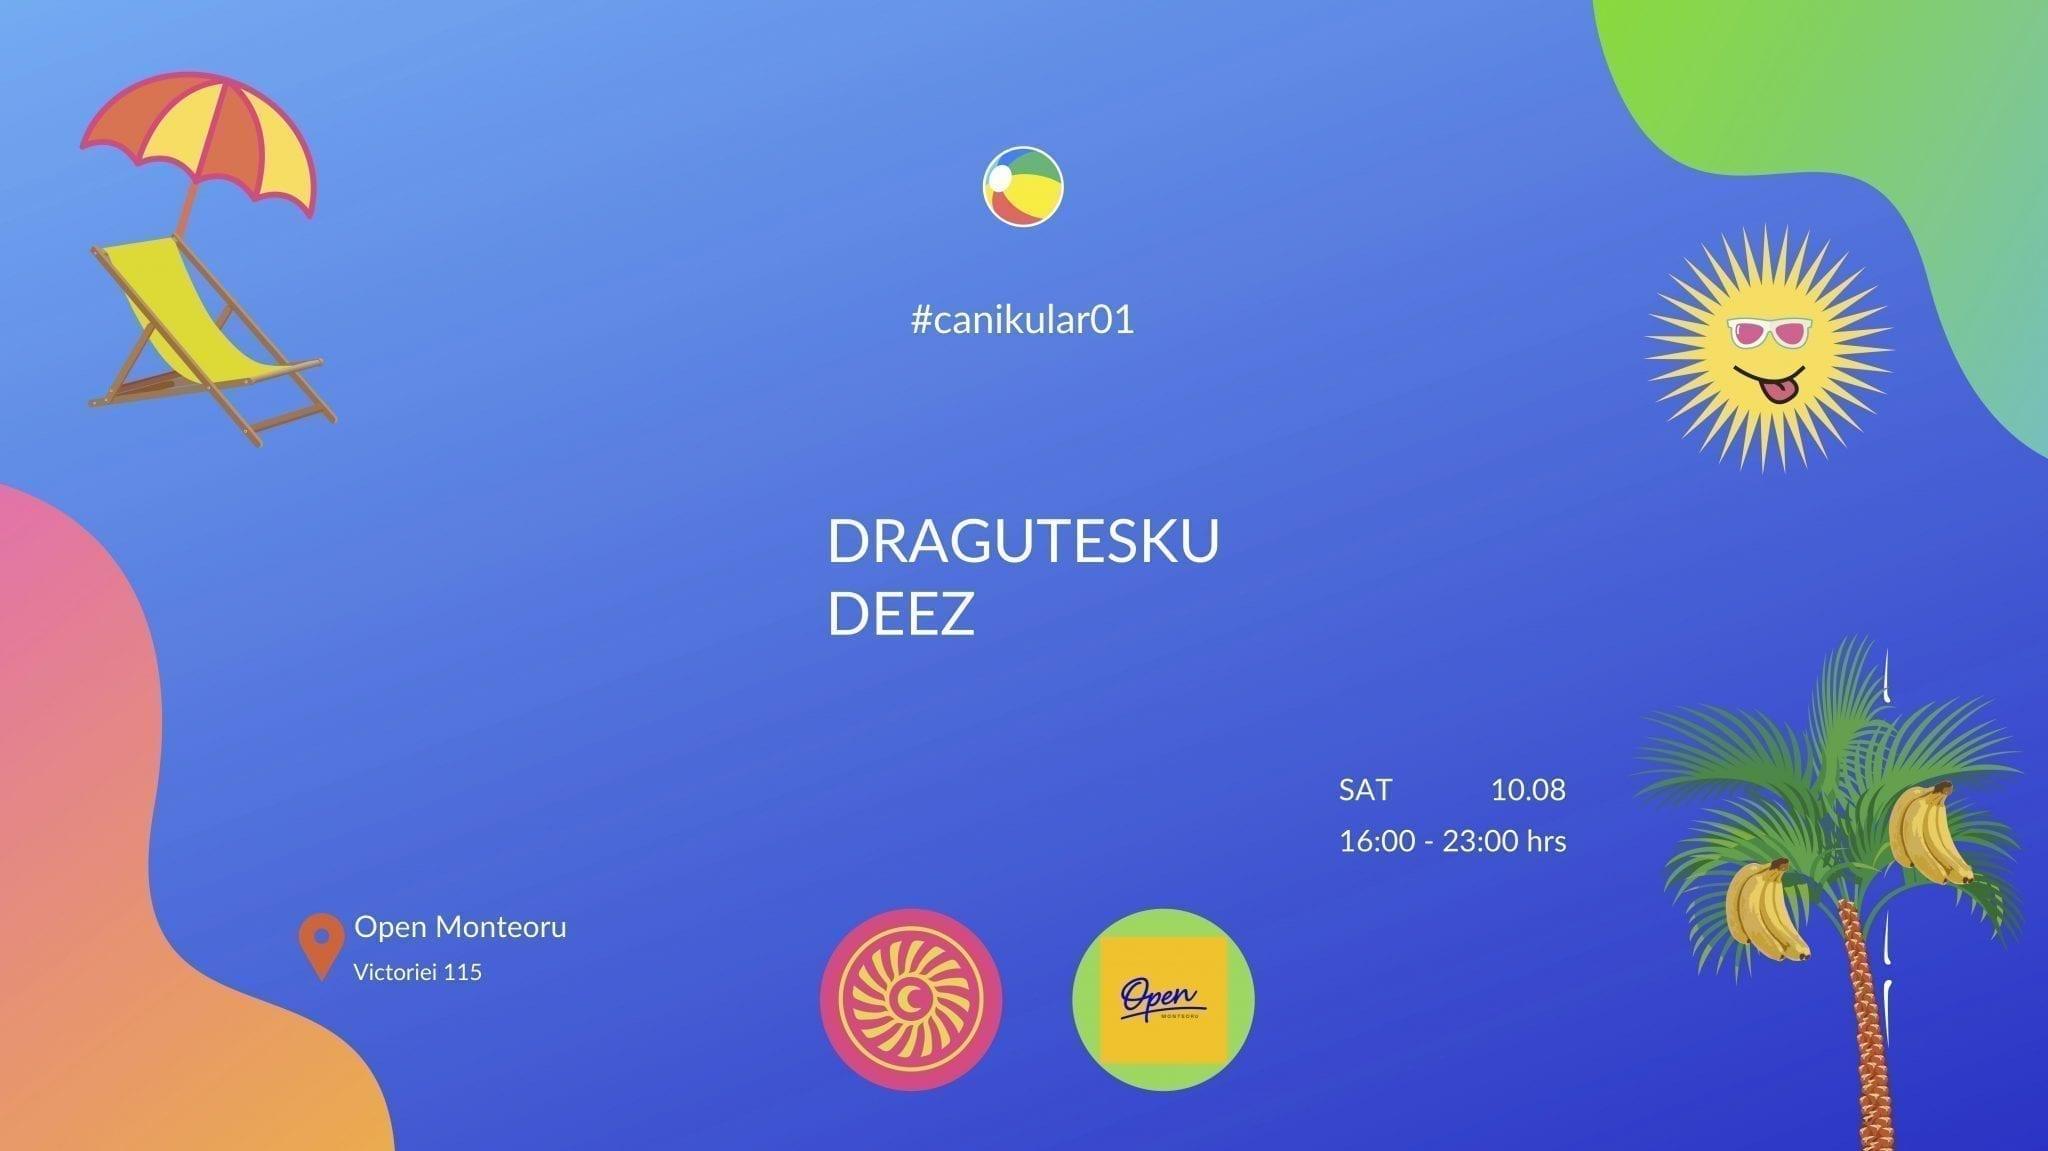 OpenBeach x Canikular01 w Dragutesku & Deez